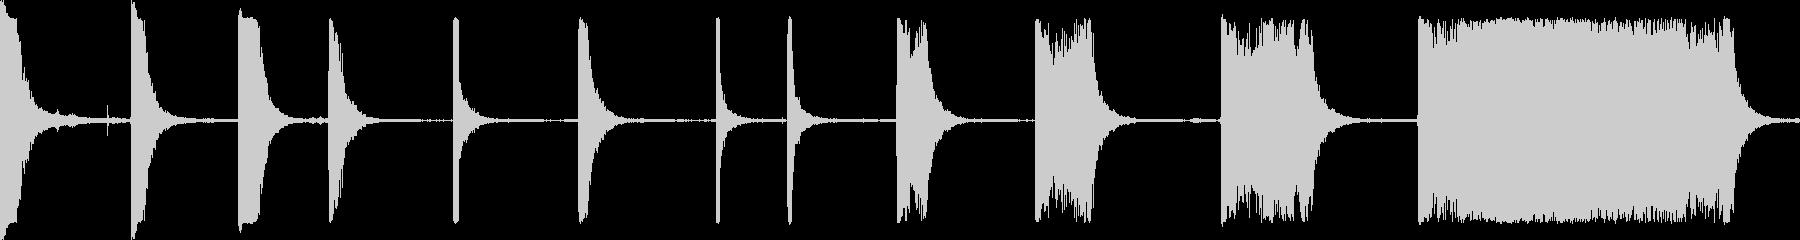 マシンミダーボックスの未再生の波形